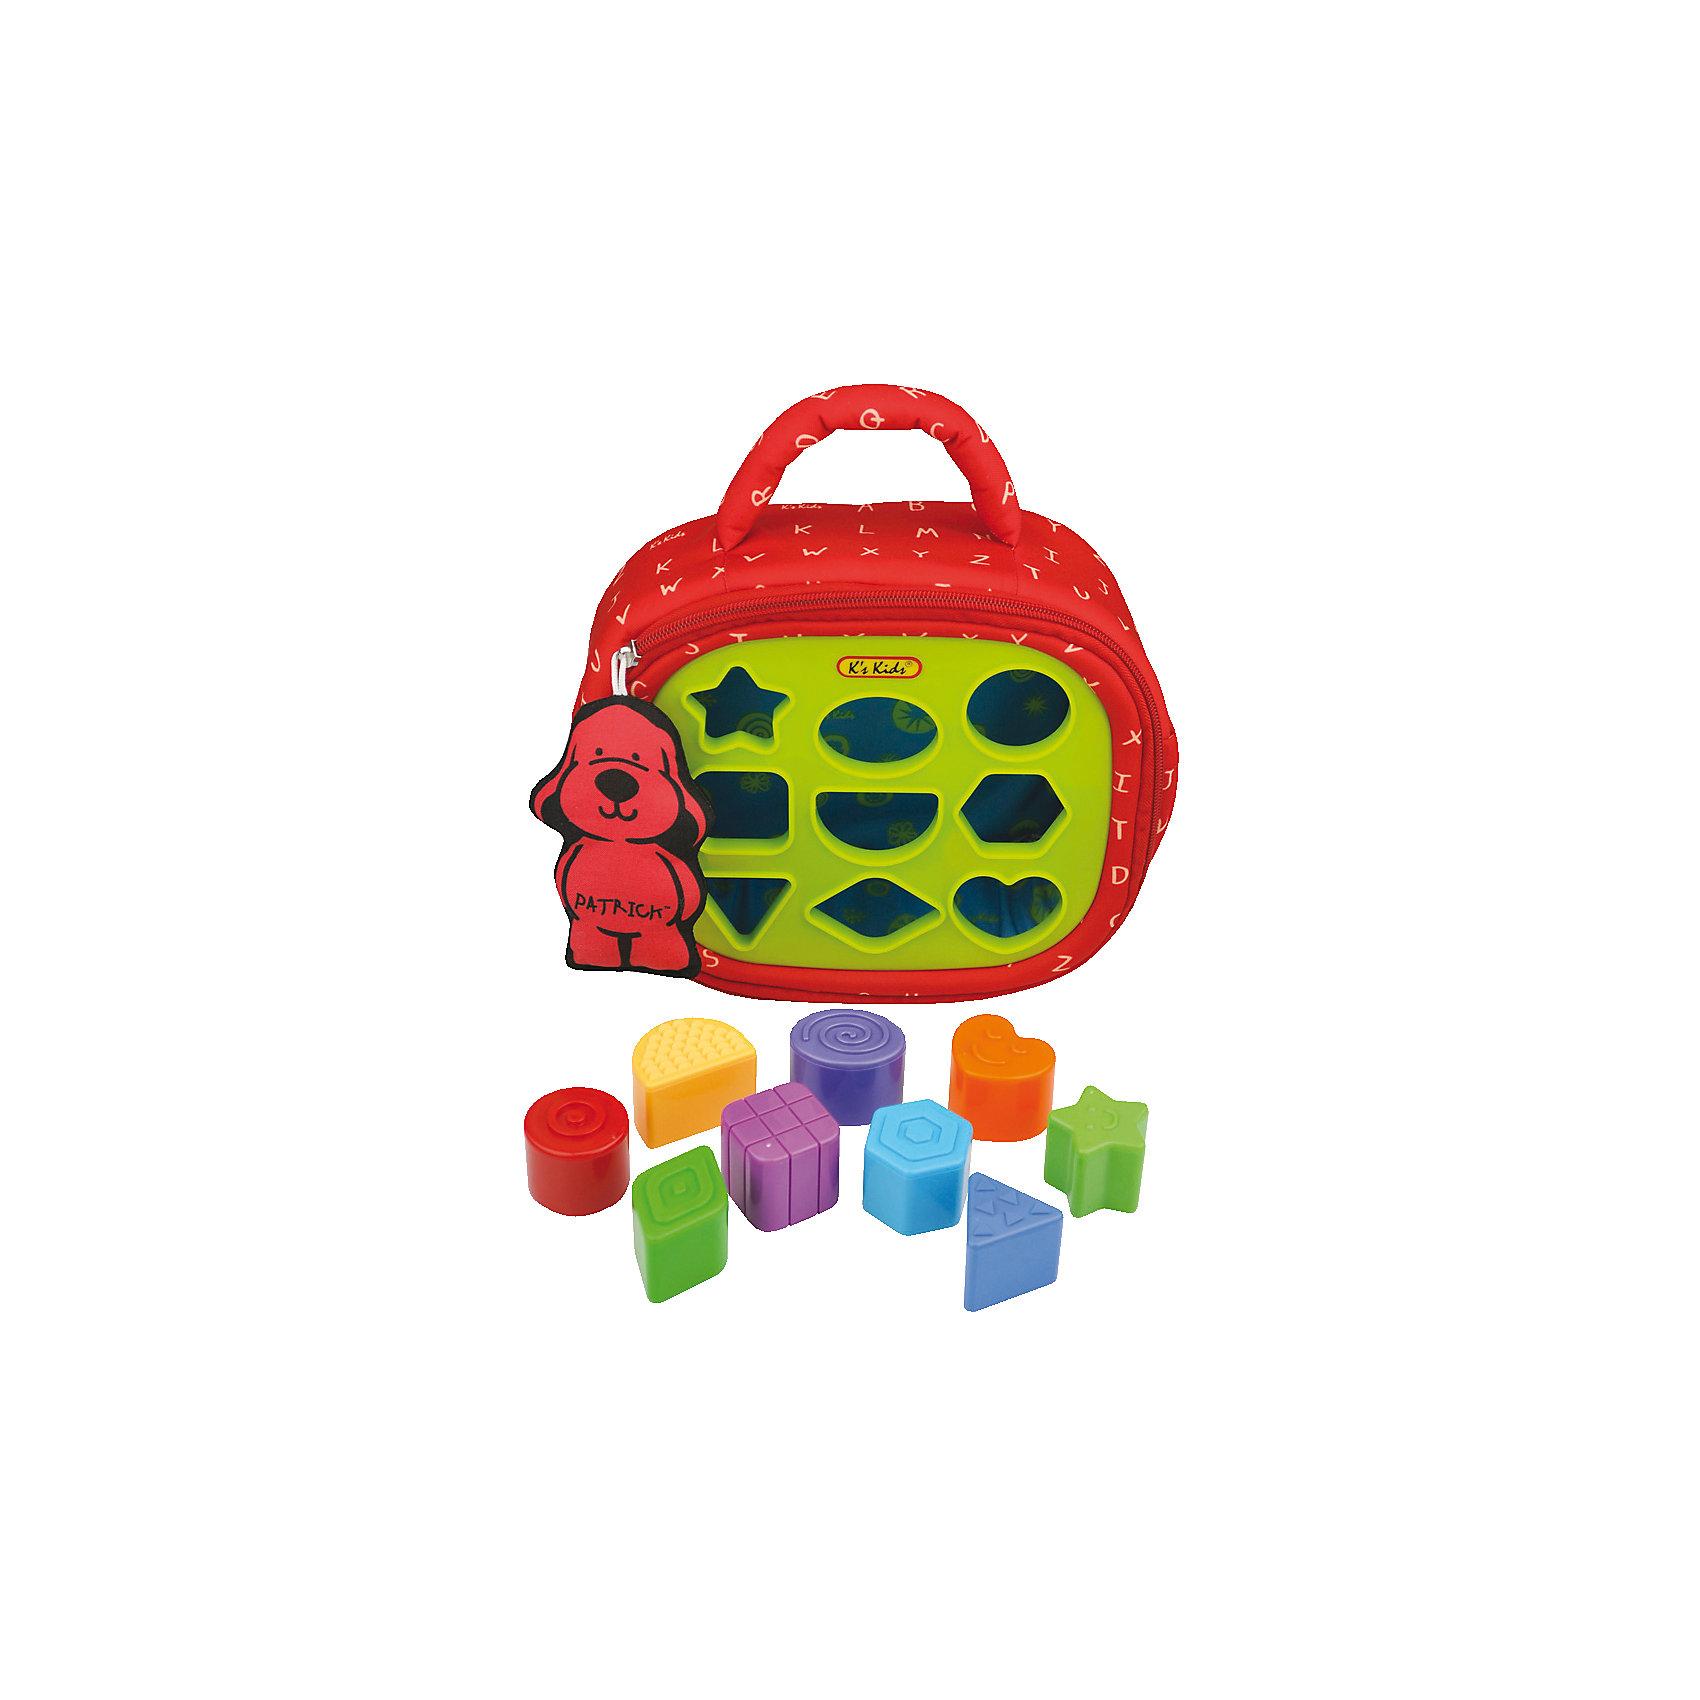 Сортер Патрик, Ks KidsСортеры<br>Сортер Патрик - это компактный, удобный и мягкий рюкзачок с сортером. В сортере есть 9 разных отверстий, в которые можно вставлять соответствующие им кубики. Кубики можно хранить просто в самом Патрике. Вместе с сортером Патриком малыш научиться идентифицировать формы, он так же сможет и немного поиграть. Например, в верхних лапках есть шарики, которые можно ощупать. В одну из лап встроено зеркало. А сам рюкзак-Патрик – это большая и красивая мягкая игрушка. Играя с сортером Патриком, малыш активнее будет развивать свою логику и фантазию, а также моторику рук и пальцев. Яркий и красочный дизайн поможет ему расширить цветовое восприятие. Игрушка-сортер K's kids Патрик предназначен для игры ребенка, а также игрушка представление о геометрических формах и цветовой палитре. <br><br>Дополнительная информация:<br><br>- количество фигурок: 9 шт.<br>- размер фигурок: 33х35х13 см.<br>- материал: текстиль, пластмасса<br>- Размеры (см): 32 х 23 х 9.<br>- длина упаковки: 12 см.<br>- ширина упаковки: 38 см.<br>- высота упаковки: 24 см.<br>- вес: 0,7 кг.<br><br>Сортер Патрик от компании K`s Kids можно купить в нашем интернет-магазине.<br><br>Ширина мм: 230<br>Глубина мм: 85<br>Высота мм: 270<br>Вес г: 710<br>Возраст от месяцев: 12<br>Возраст до месяцев: 36<br>Пол: Унисекс<br>Возраст: Детский<br>SKU: 3155521